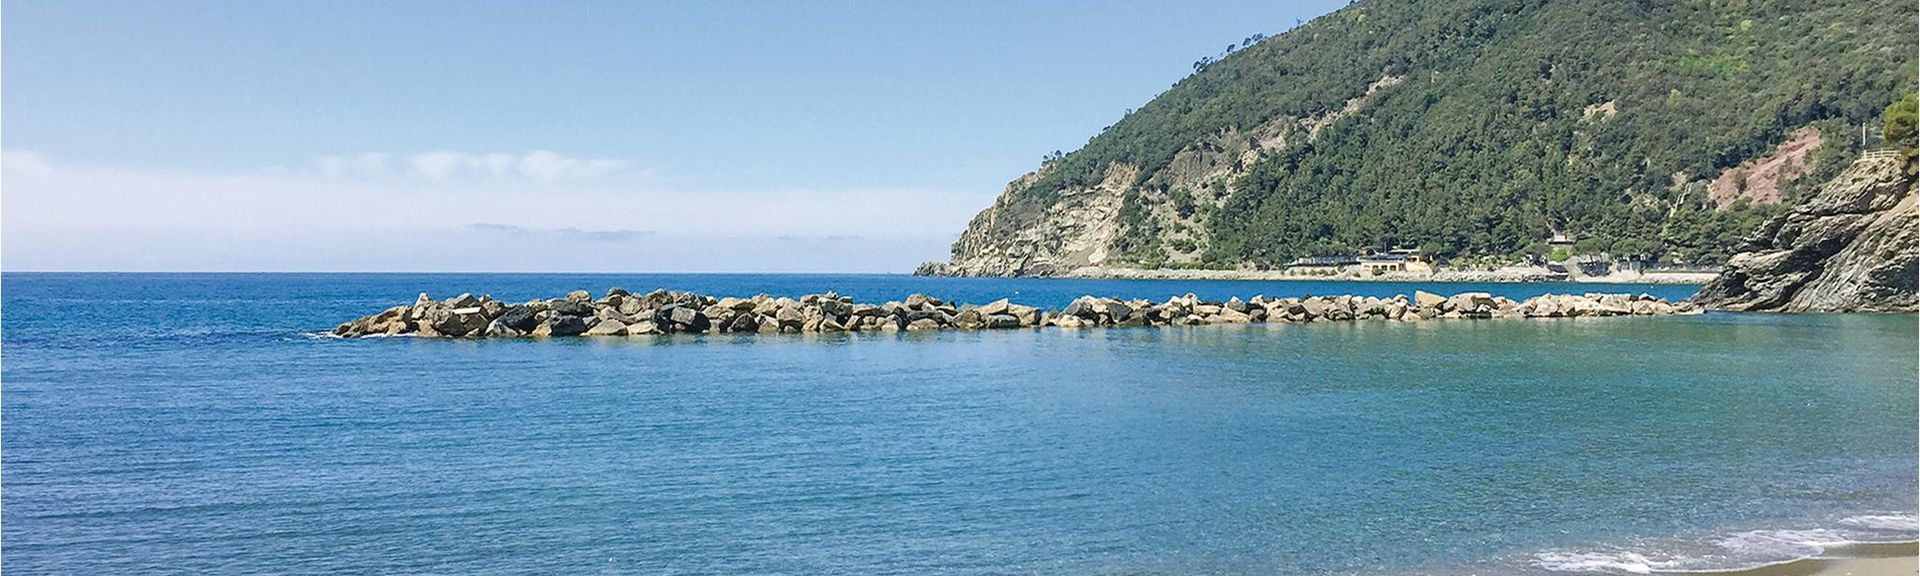 Spiaggia di Camogli, Camogli, Liguria, Italia